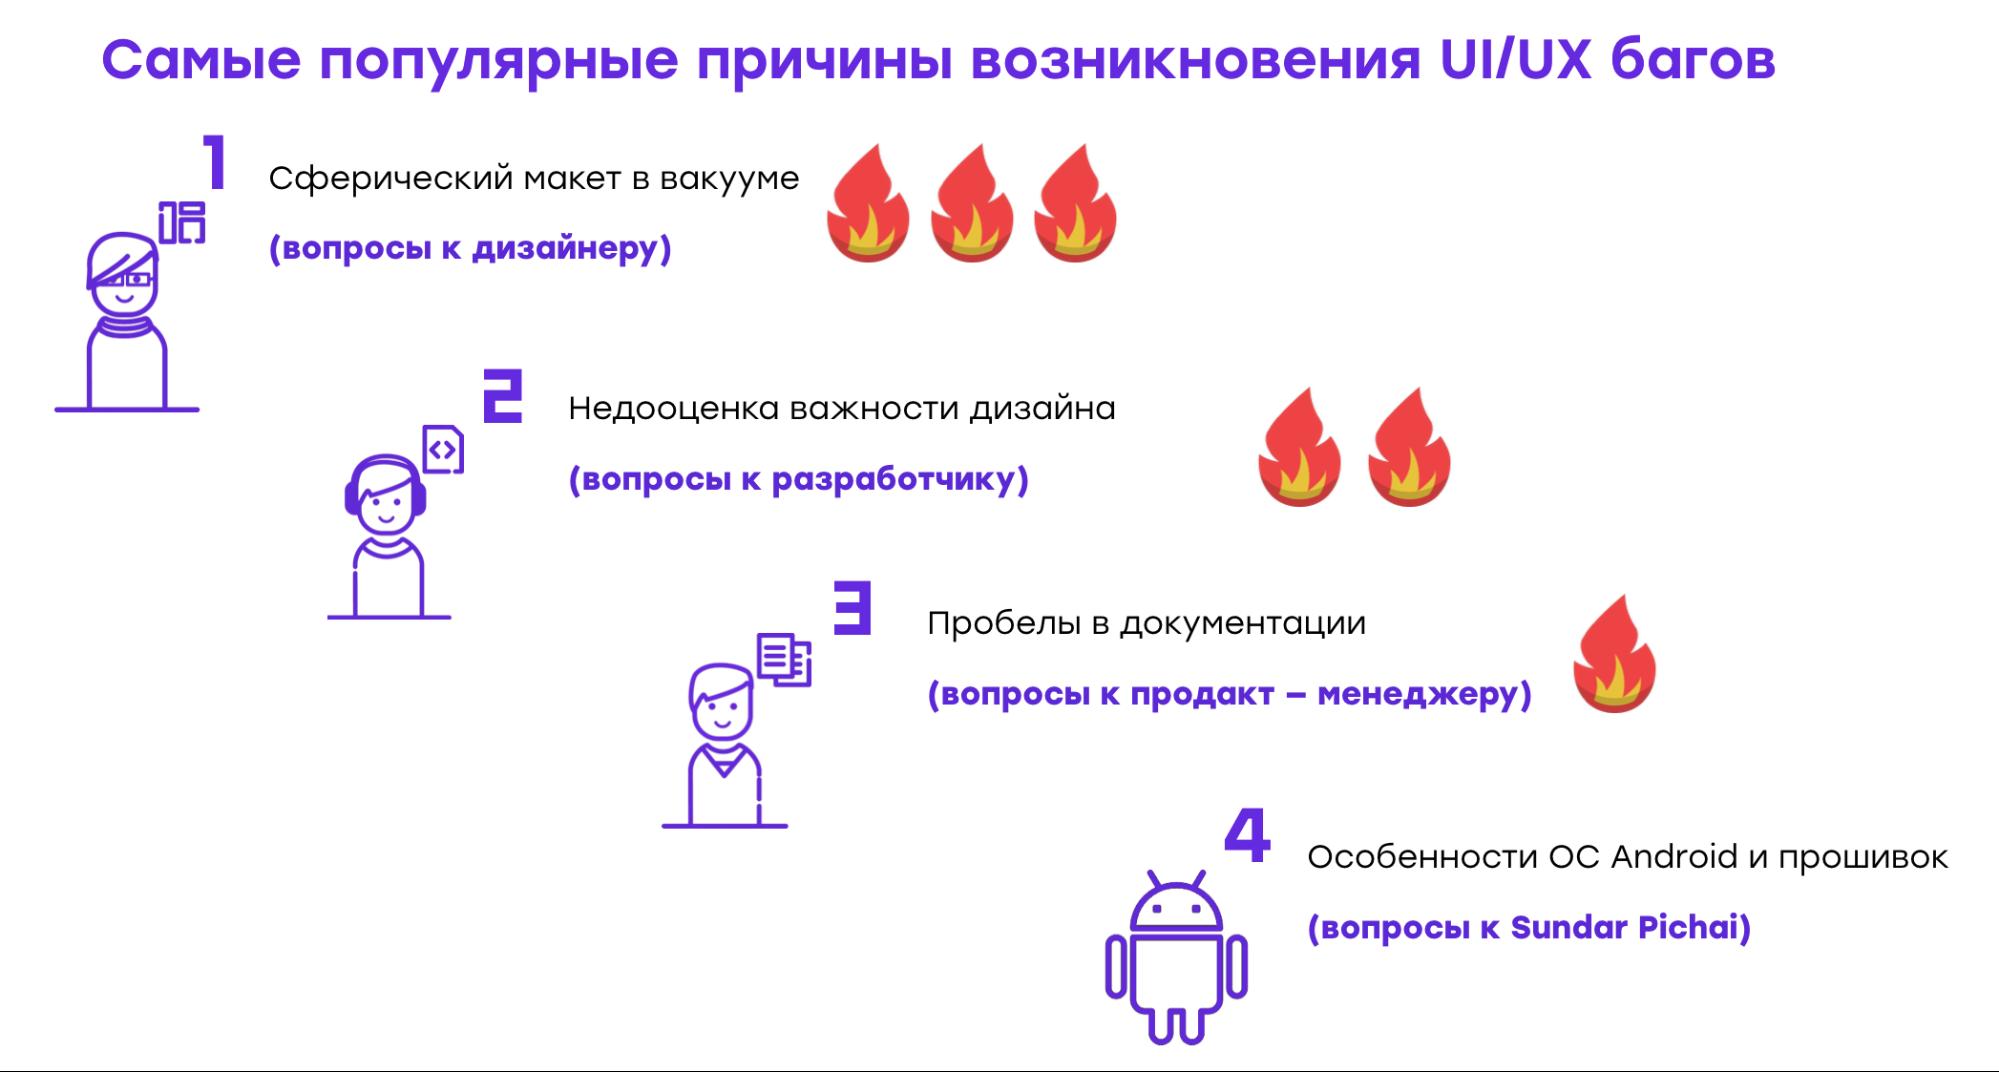 Тысяча и один UI-баг, или Как помочь разработчику избегать типовых ошибок в UI - 4